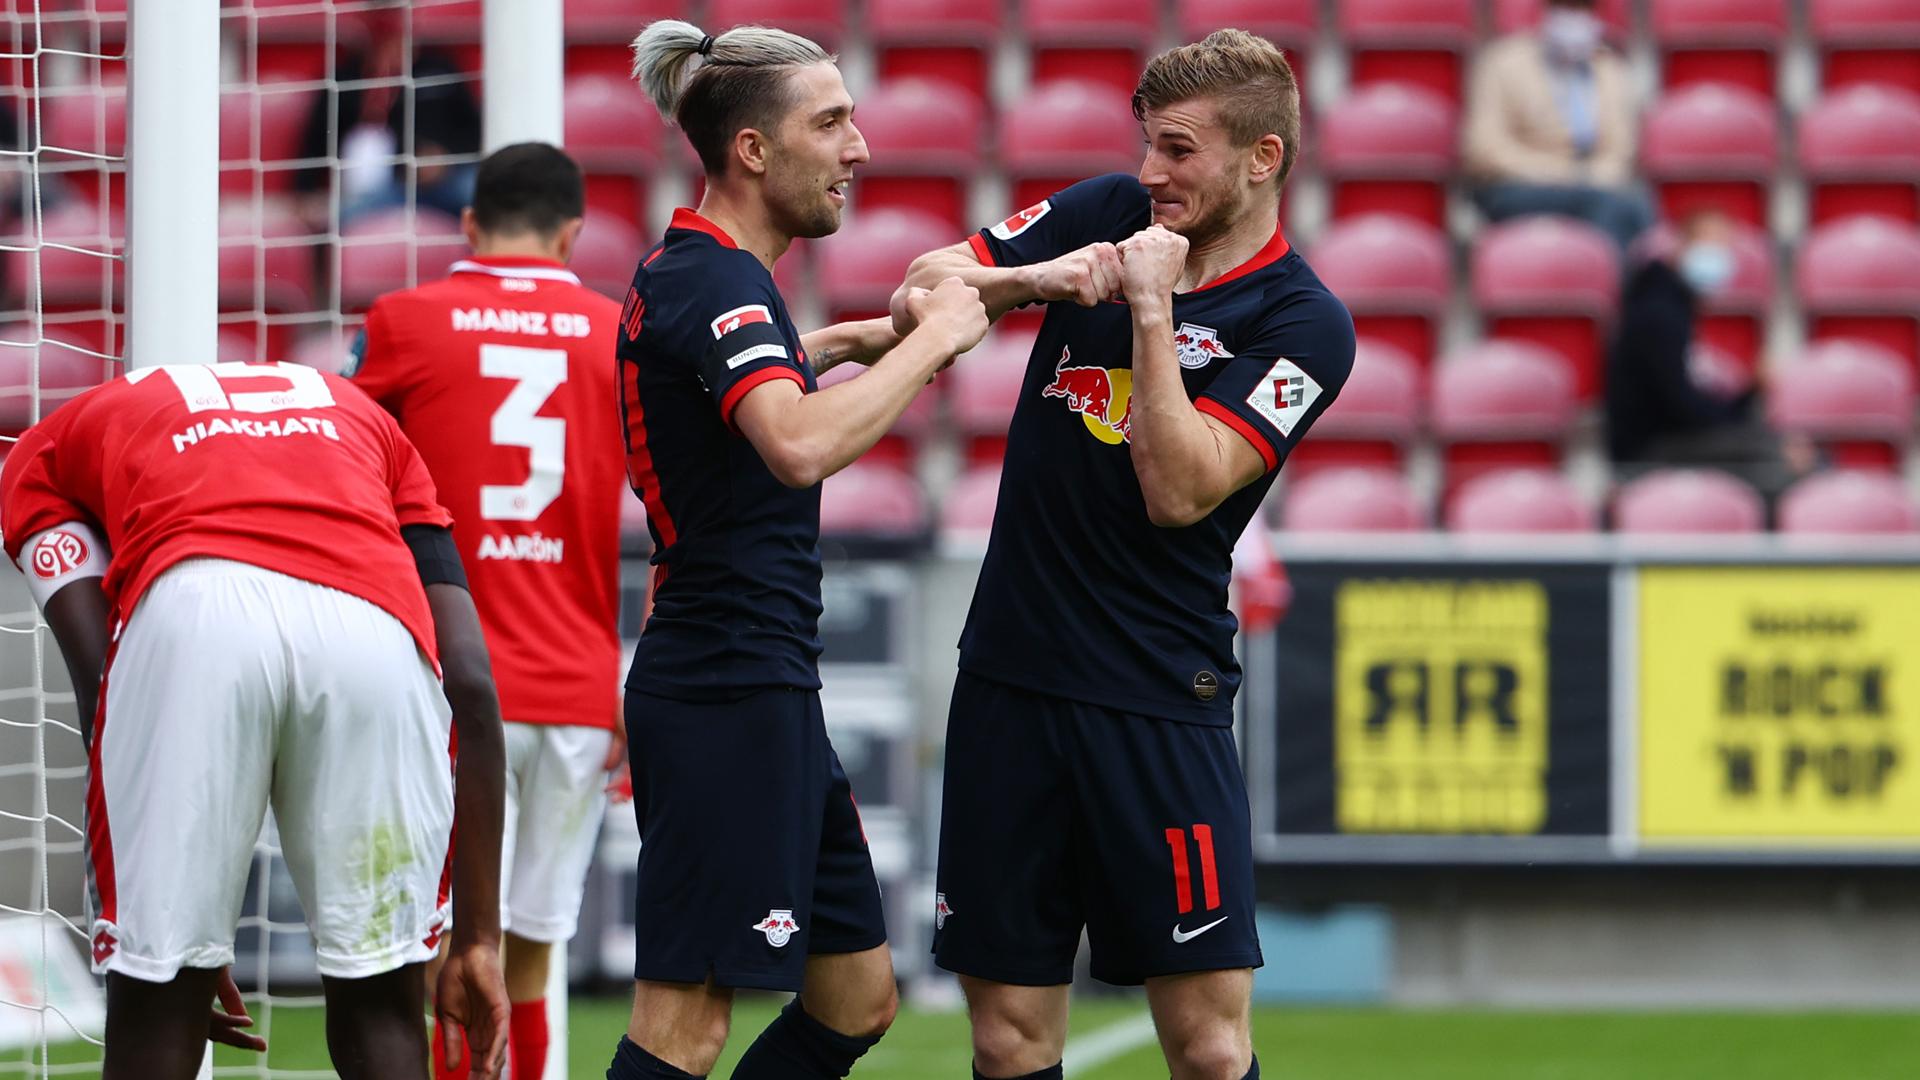 Hat-trick? Werner could have scored even more – Nagelsmann